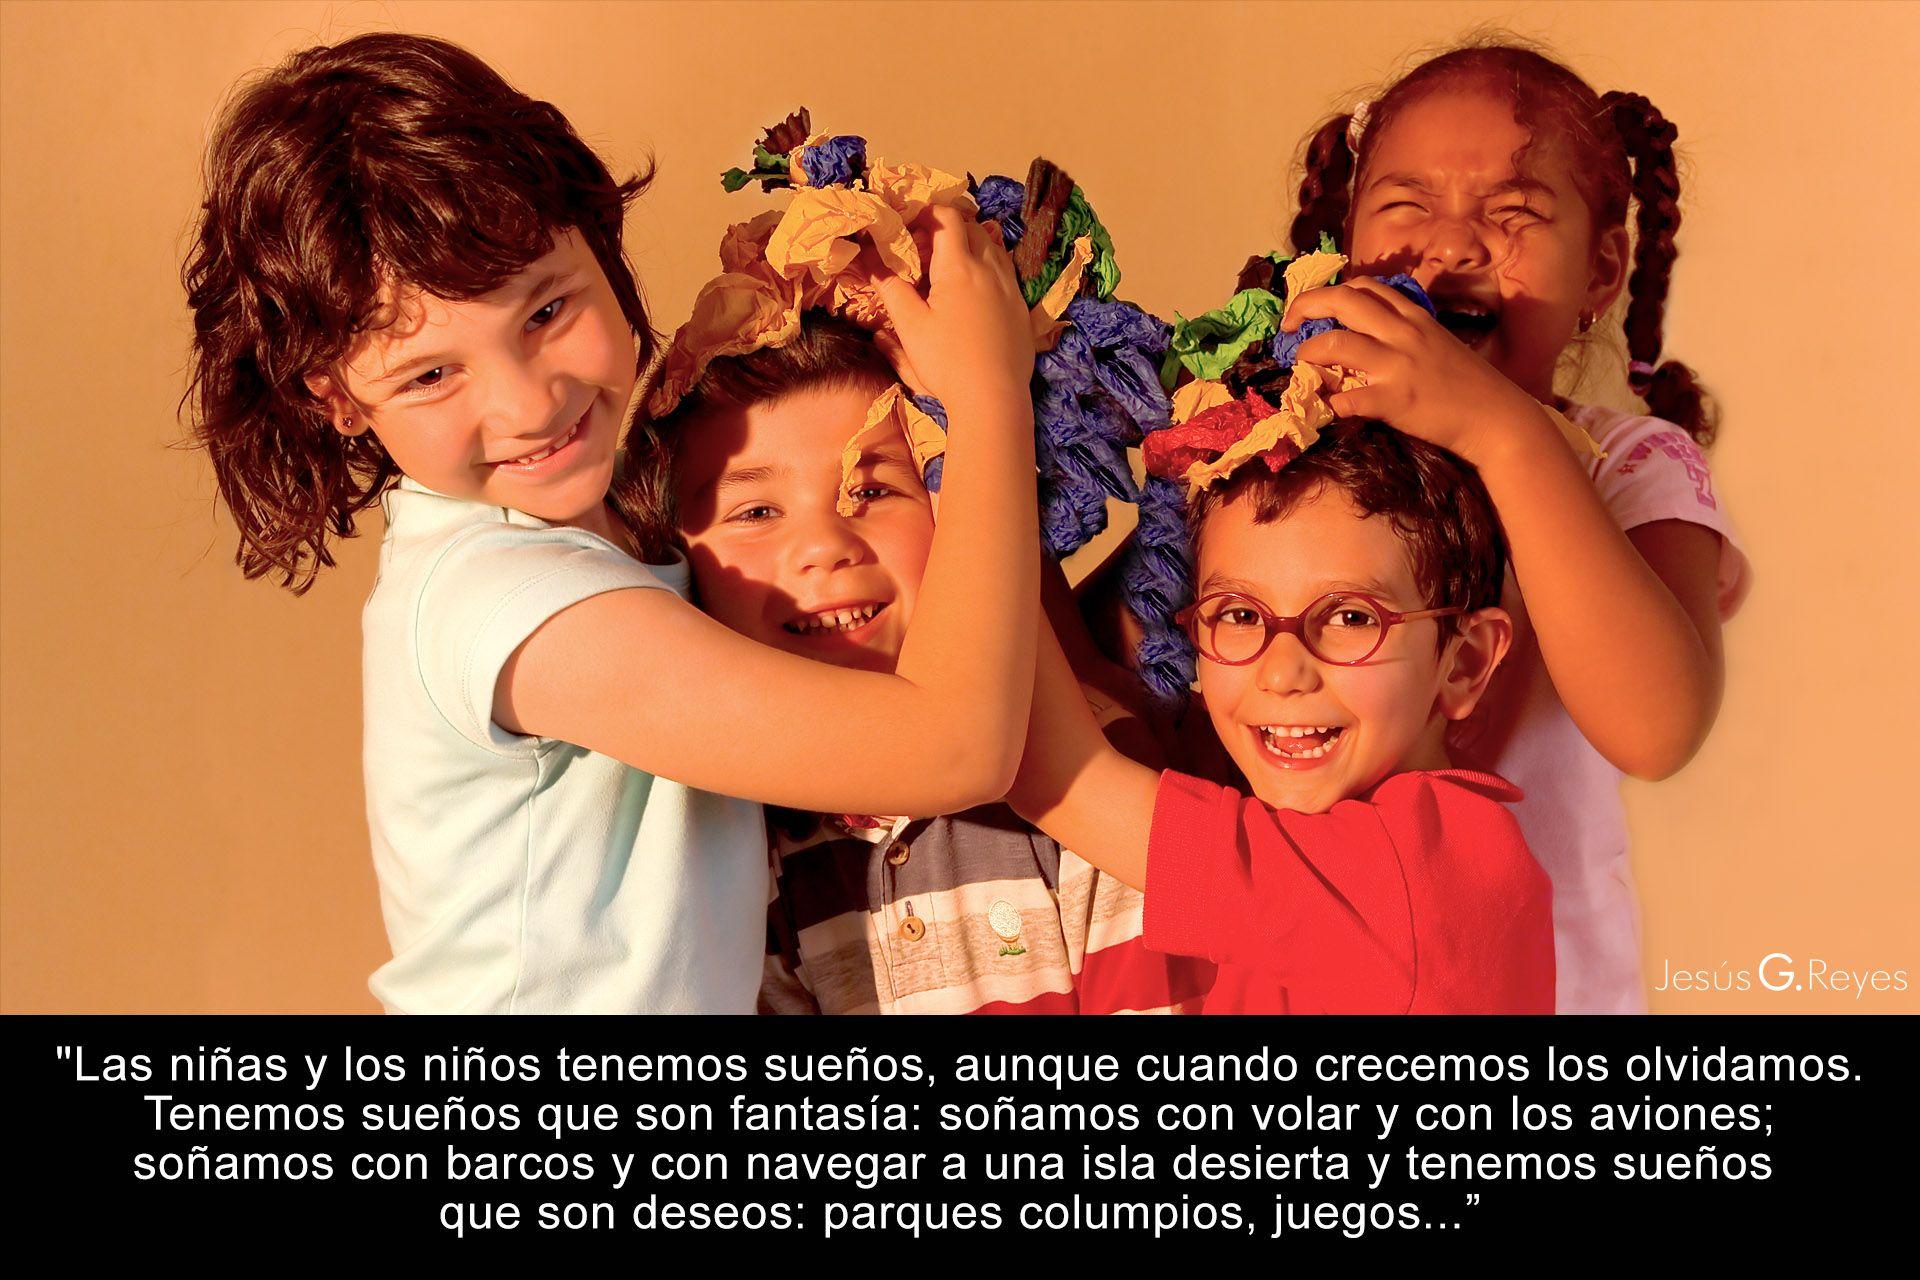 Colectivo infancia. San Fernando de Henares